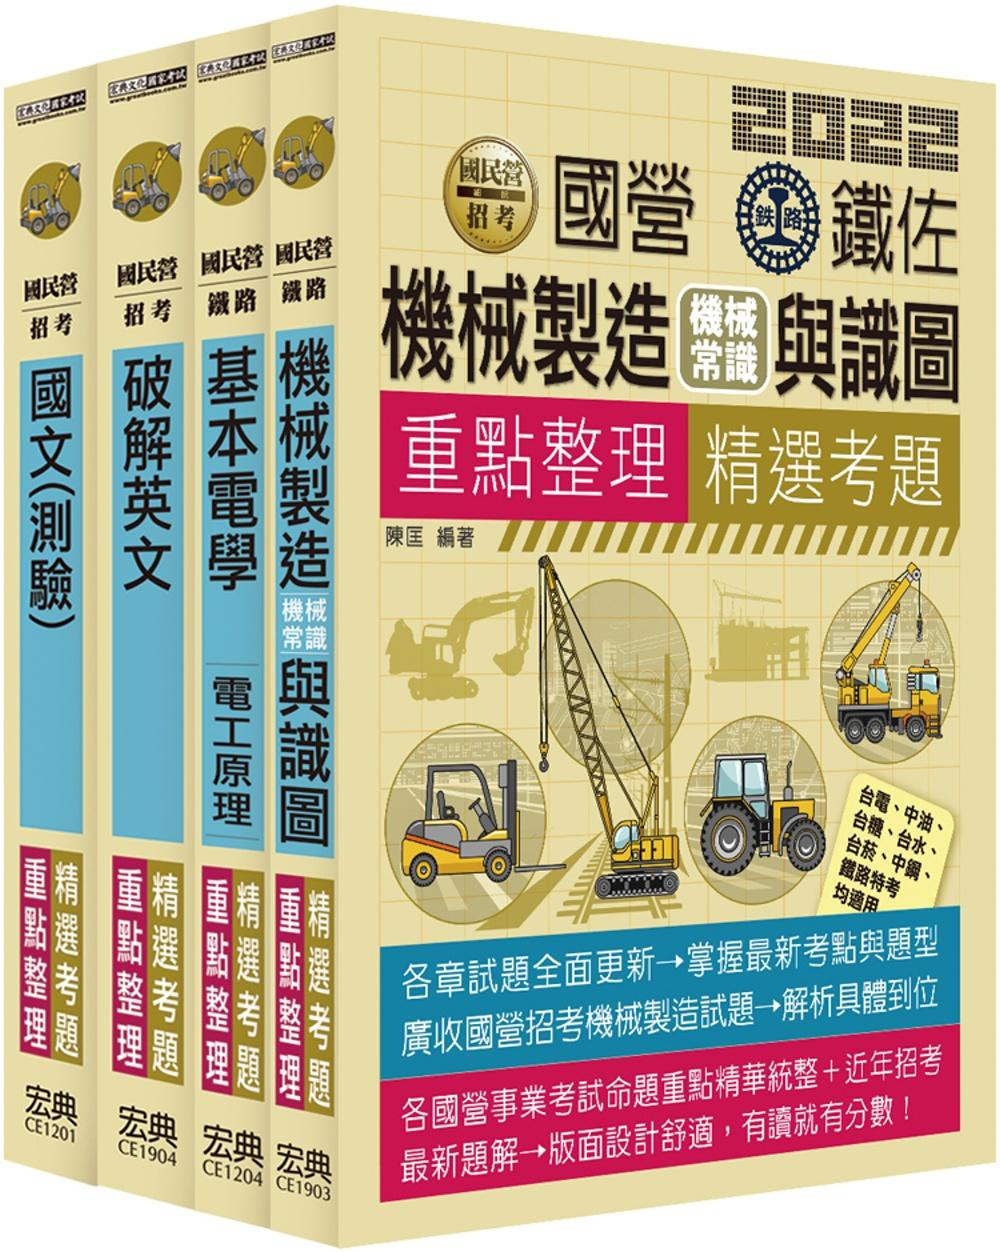 中油僱用人員甄試 重點整理套書:探採鑽井類